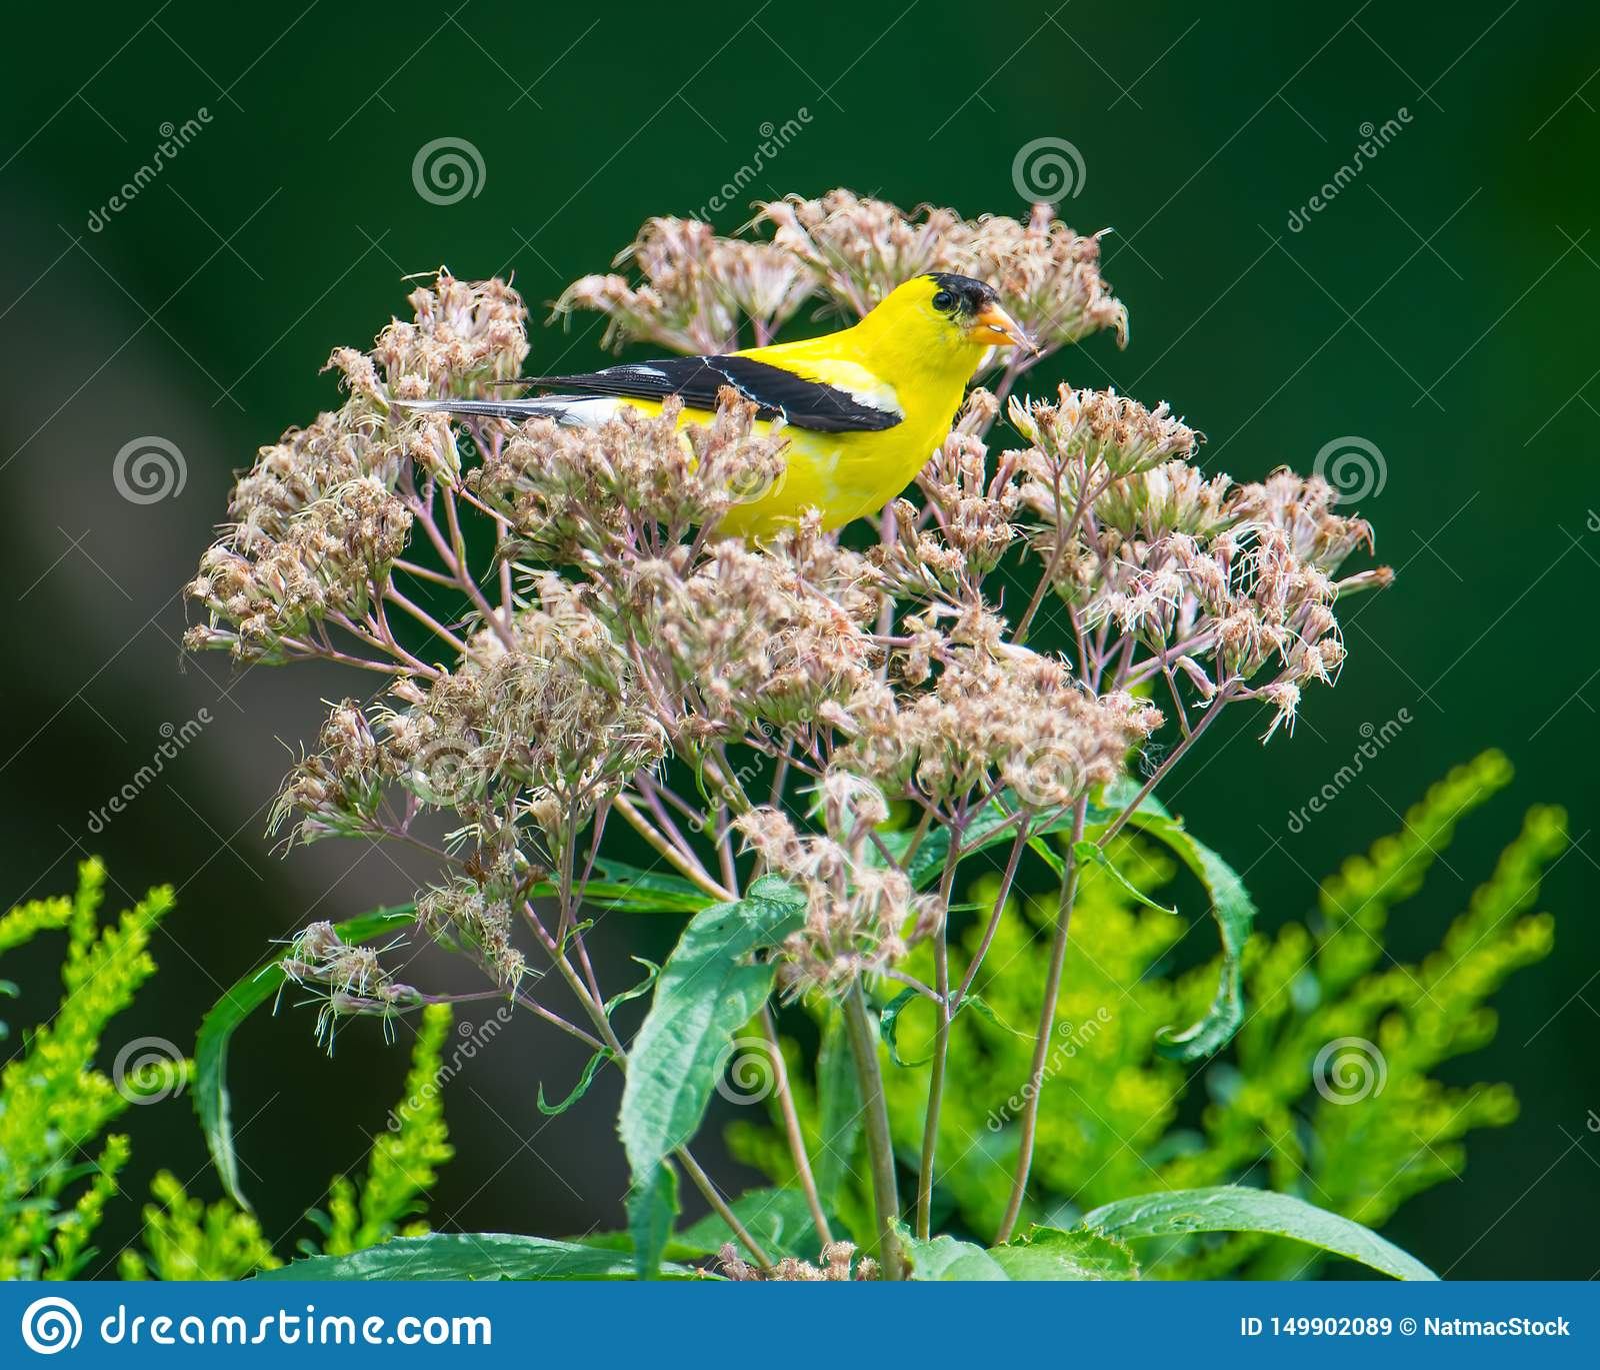 金翅雀被栖息的/休息的掩藏在野花在明尼苏达谷全国野生生物保护区-在夏天,但是仍然gr末端